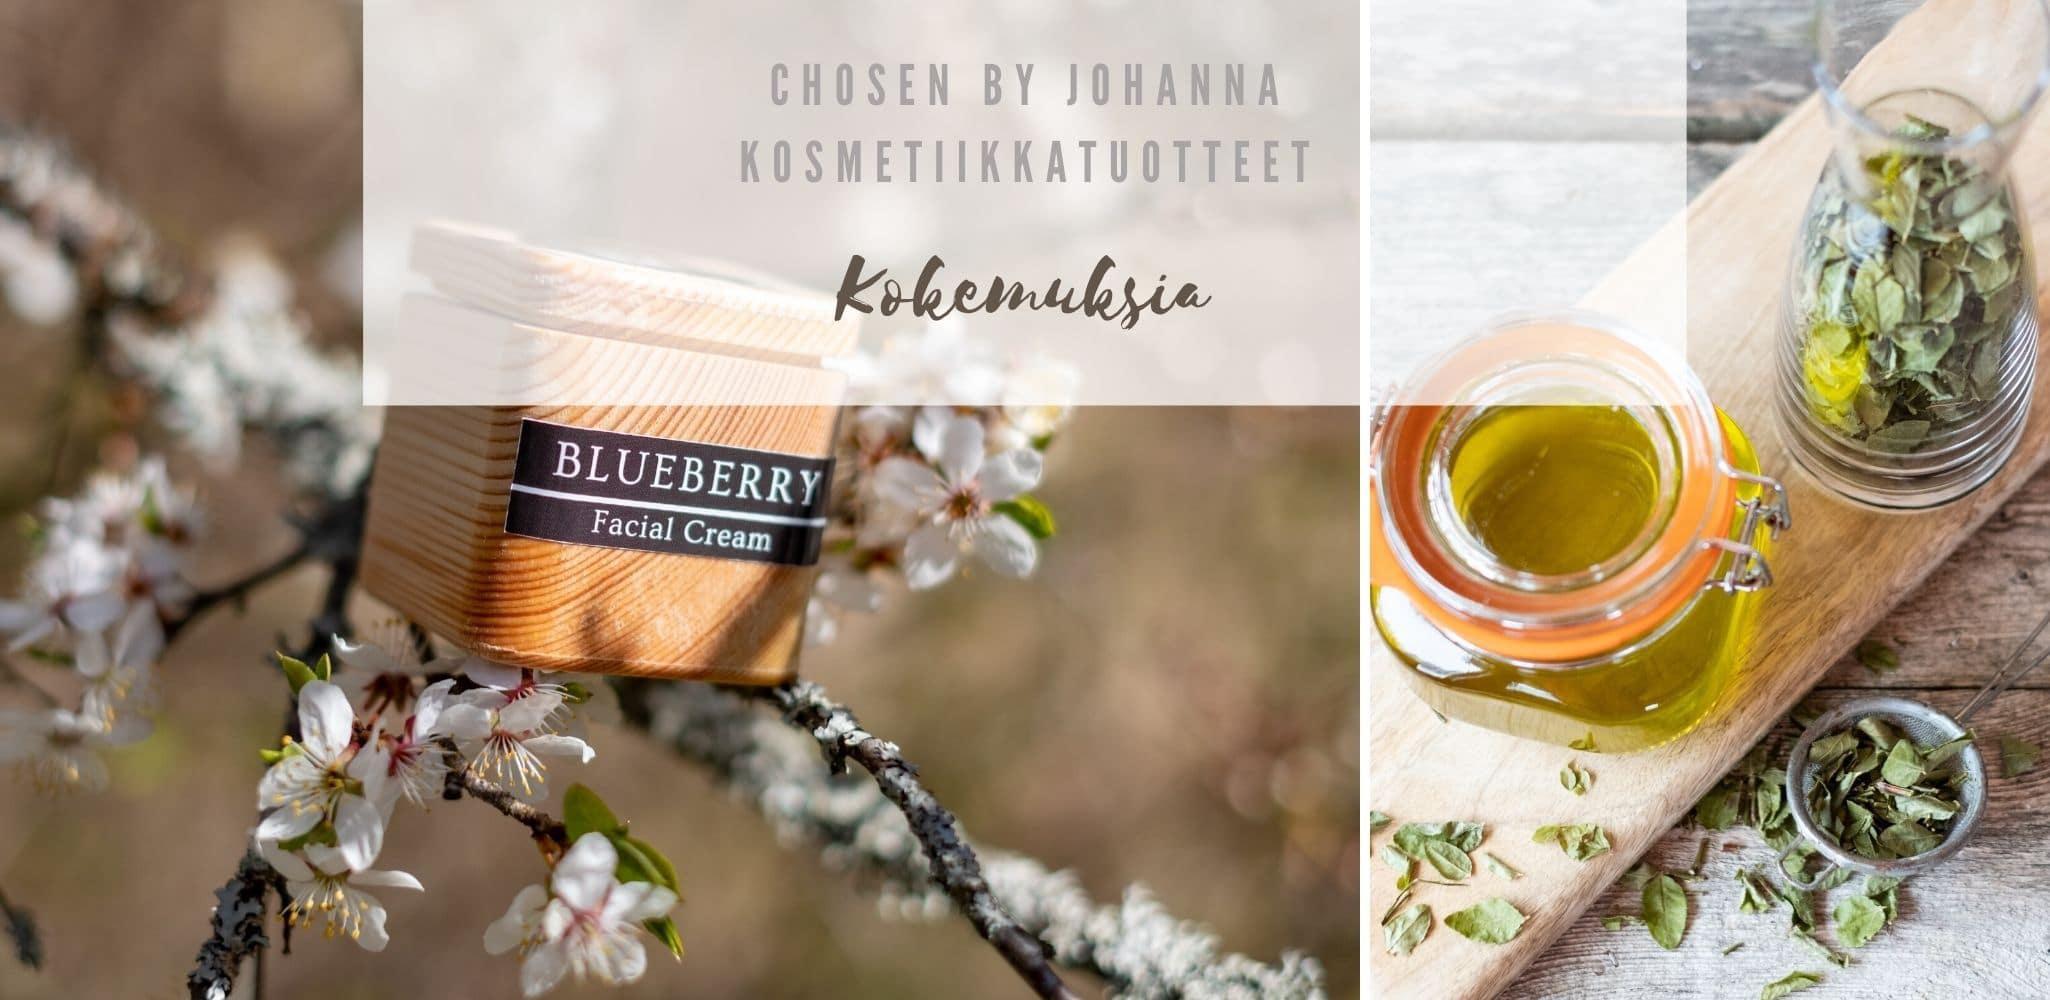 Kokemuksia Chosen by Johanna kosmetiikkatuotteista